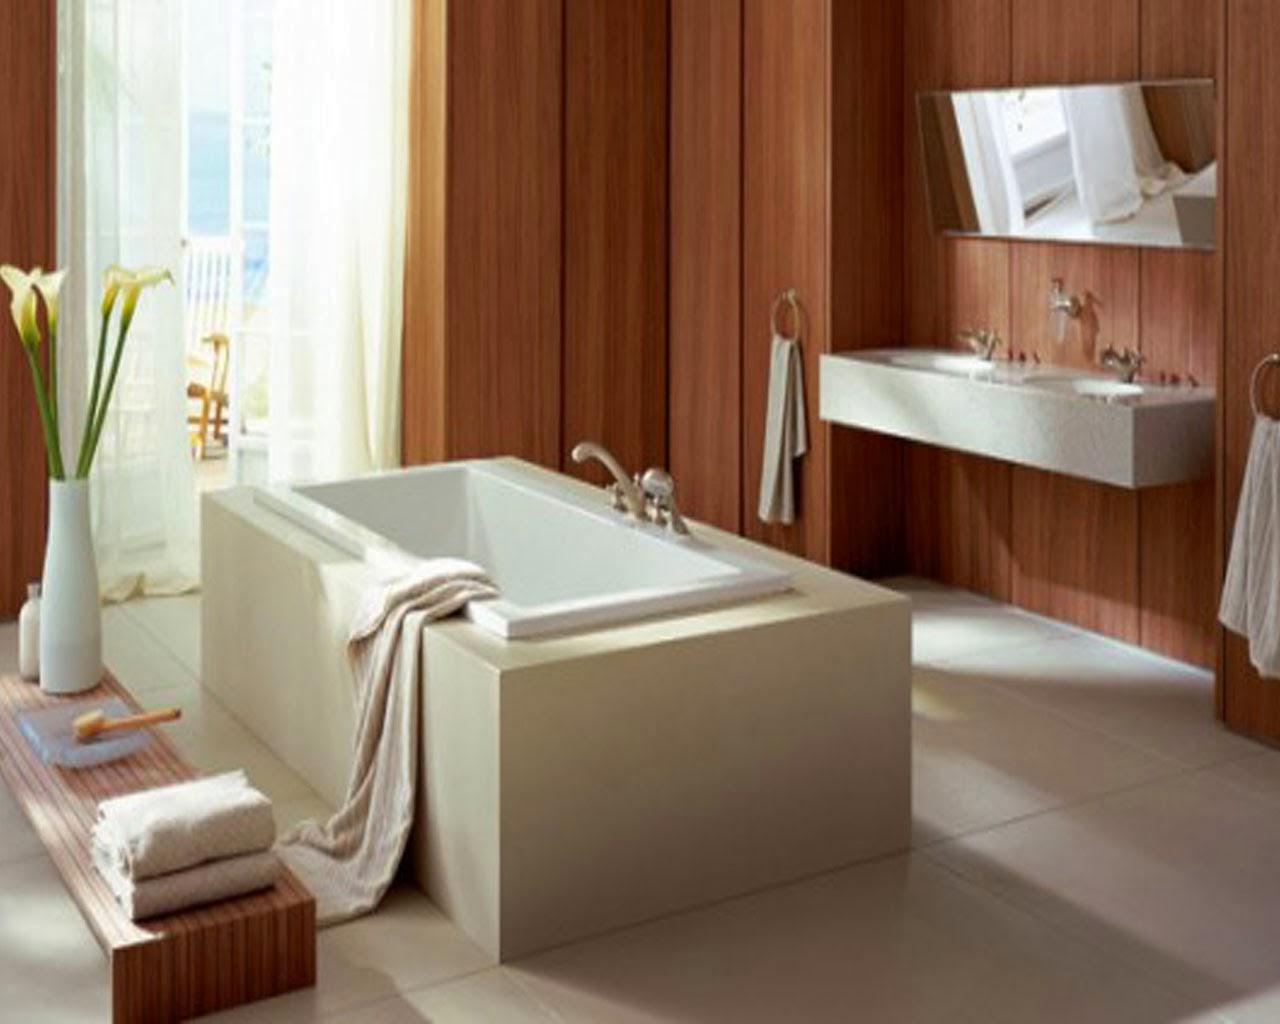 Dz fashion - Design salle de bain algerie ...